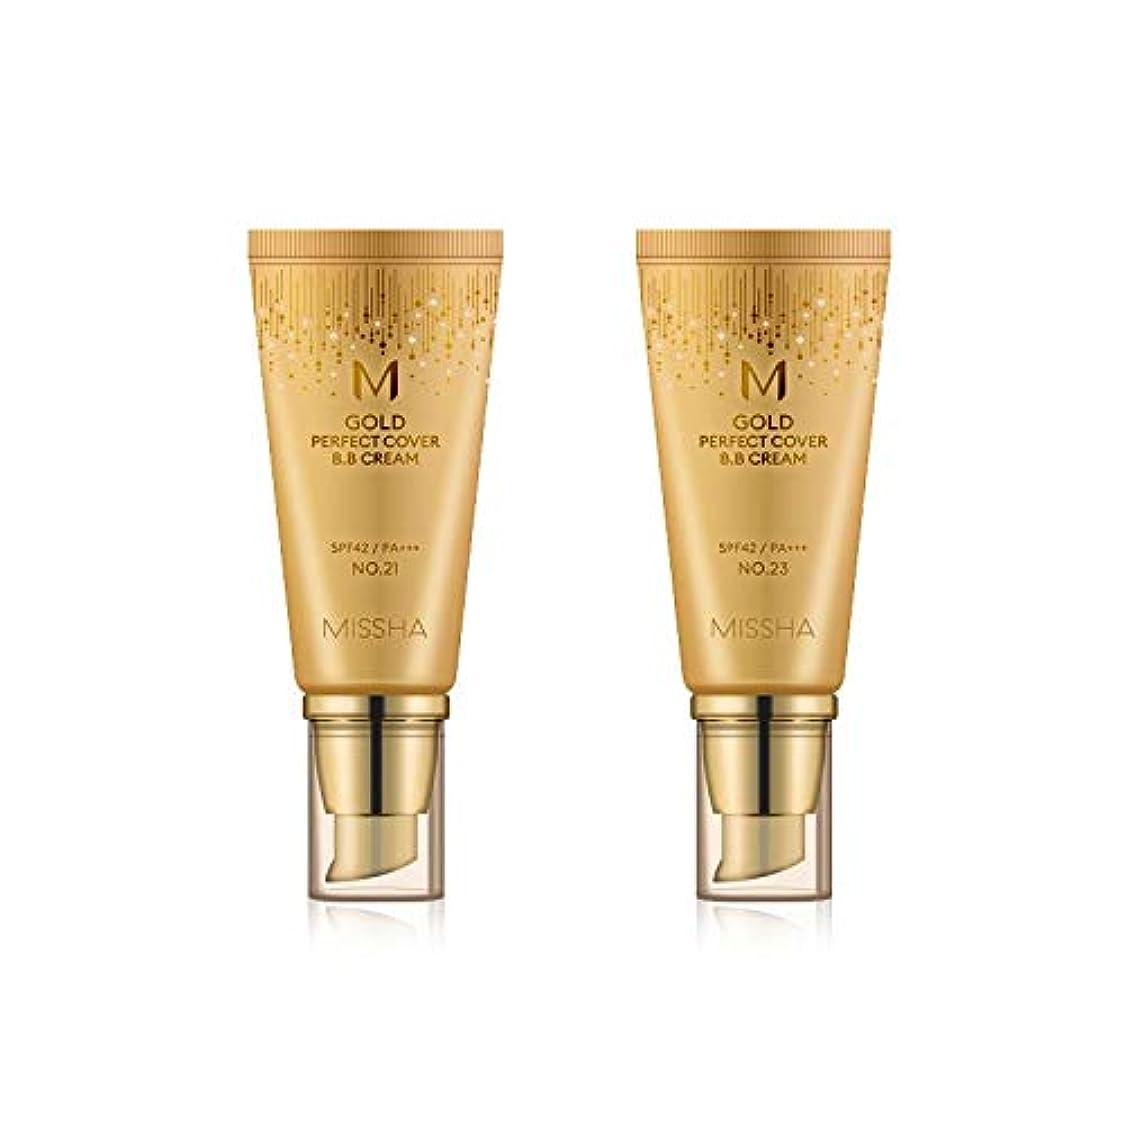 歌胃どれでもMISSHA Gold Perfecte Cover BB Cream SPF42 PA+++ / ミシャ ゴールド パーフェクト カバー BBクリーム 50ml *NO.23 [並行輸入品]